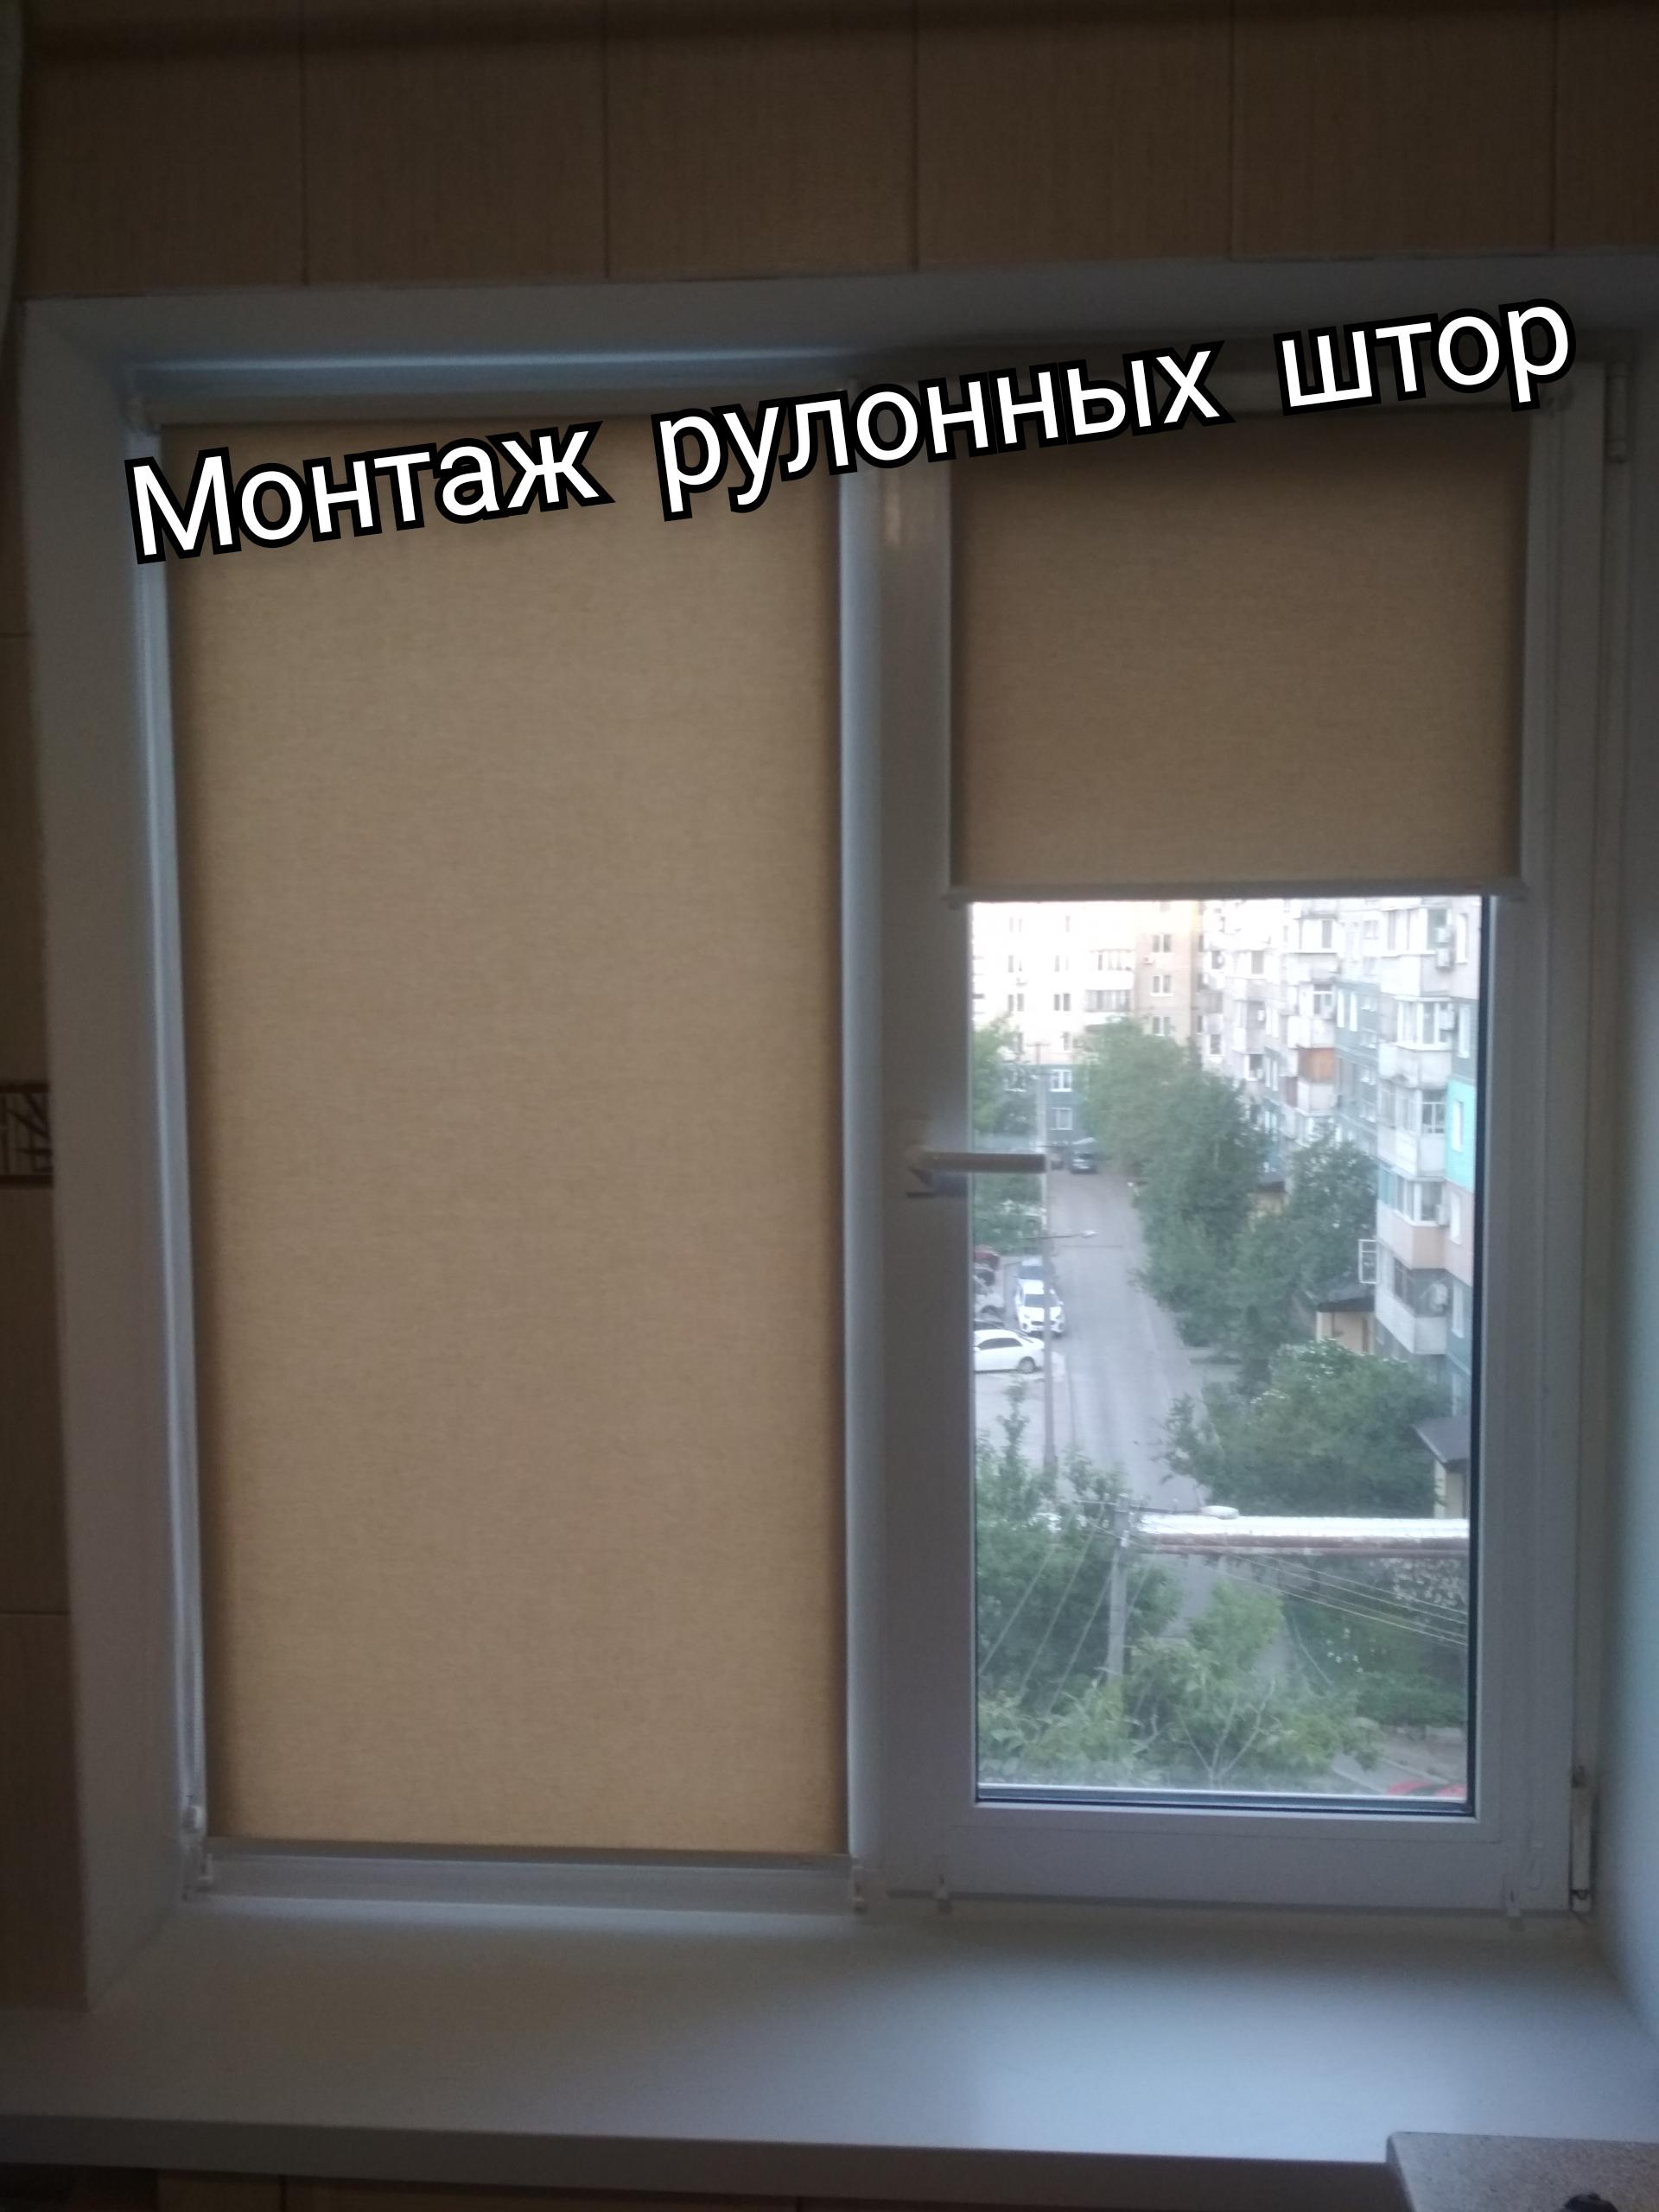 Фото Монтаж рулонных штор